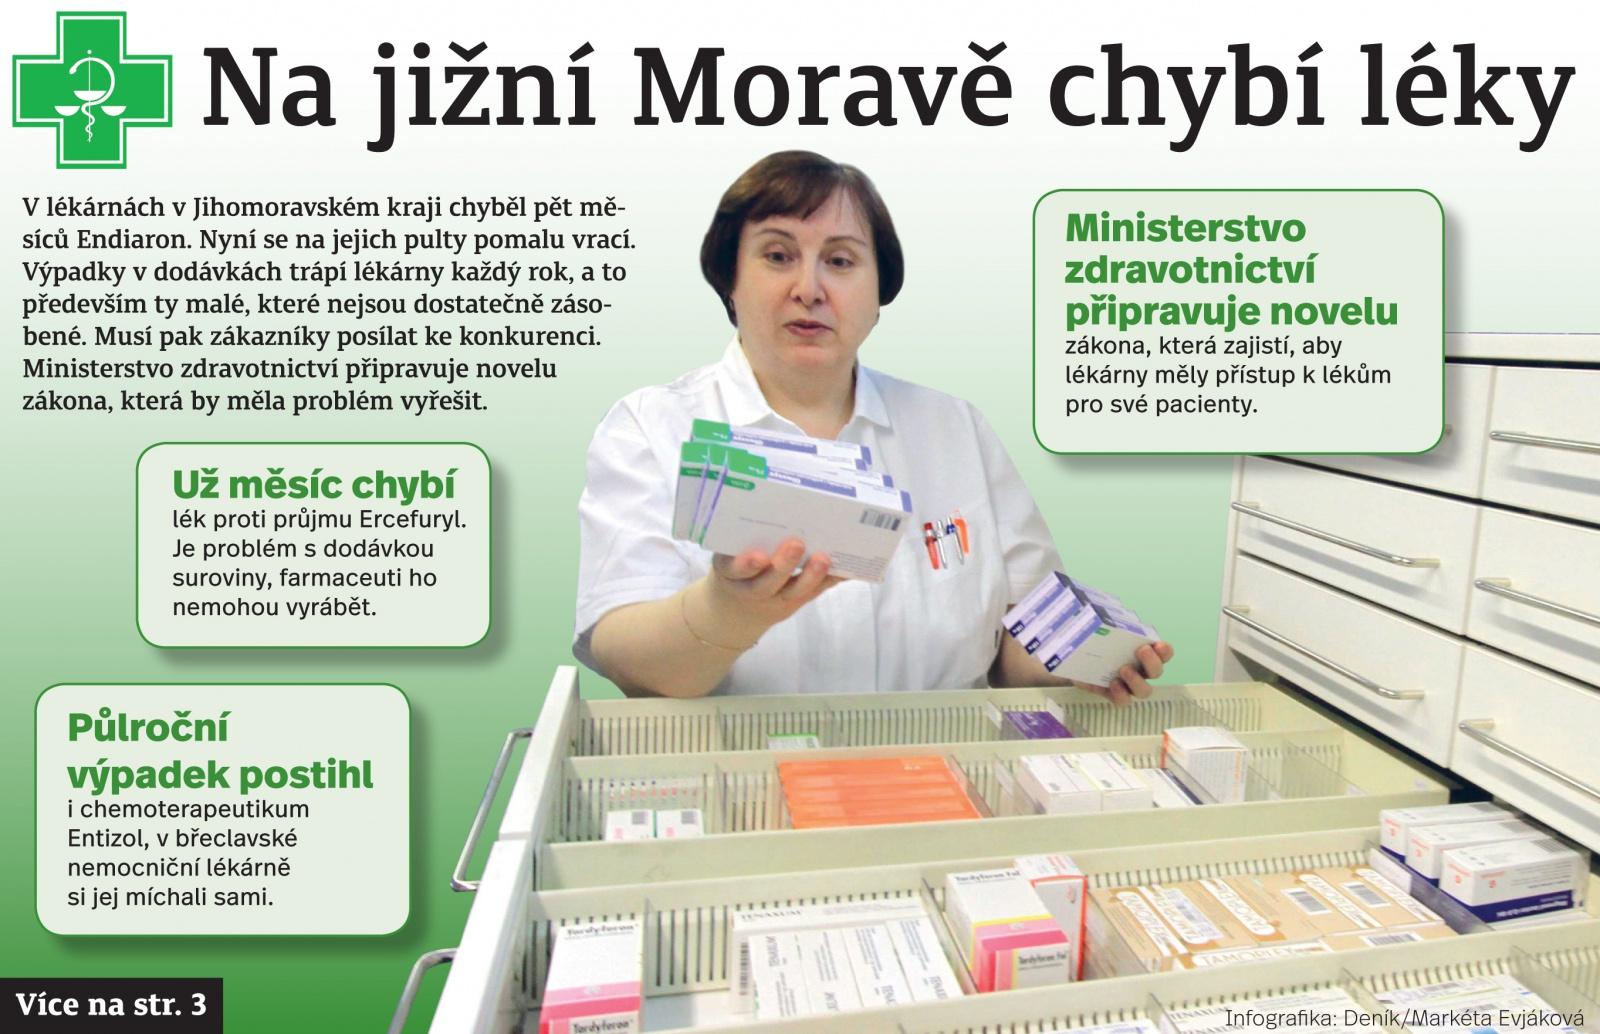 Léky proti průjmu i na revma? Nemáme, odpovídají lékárníci  Výrobci